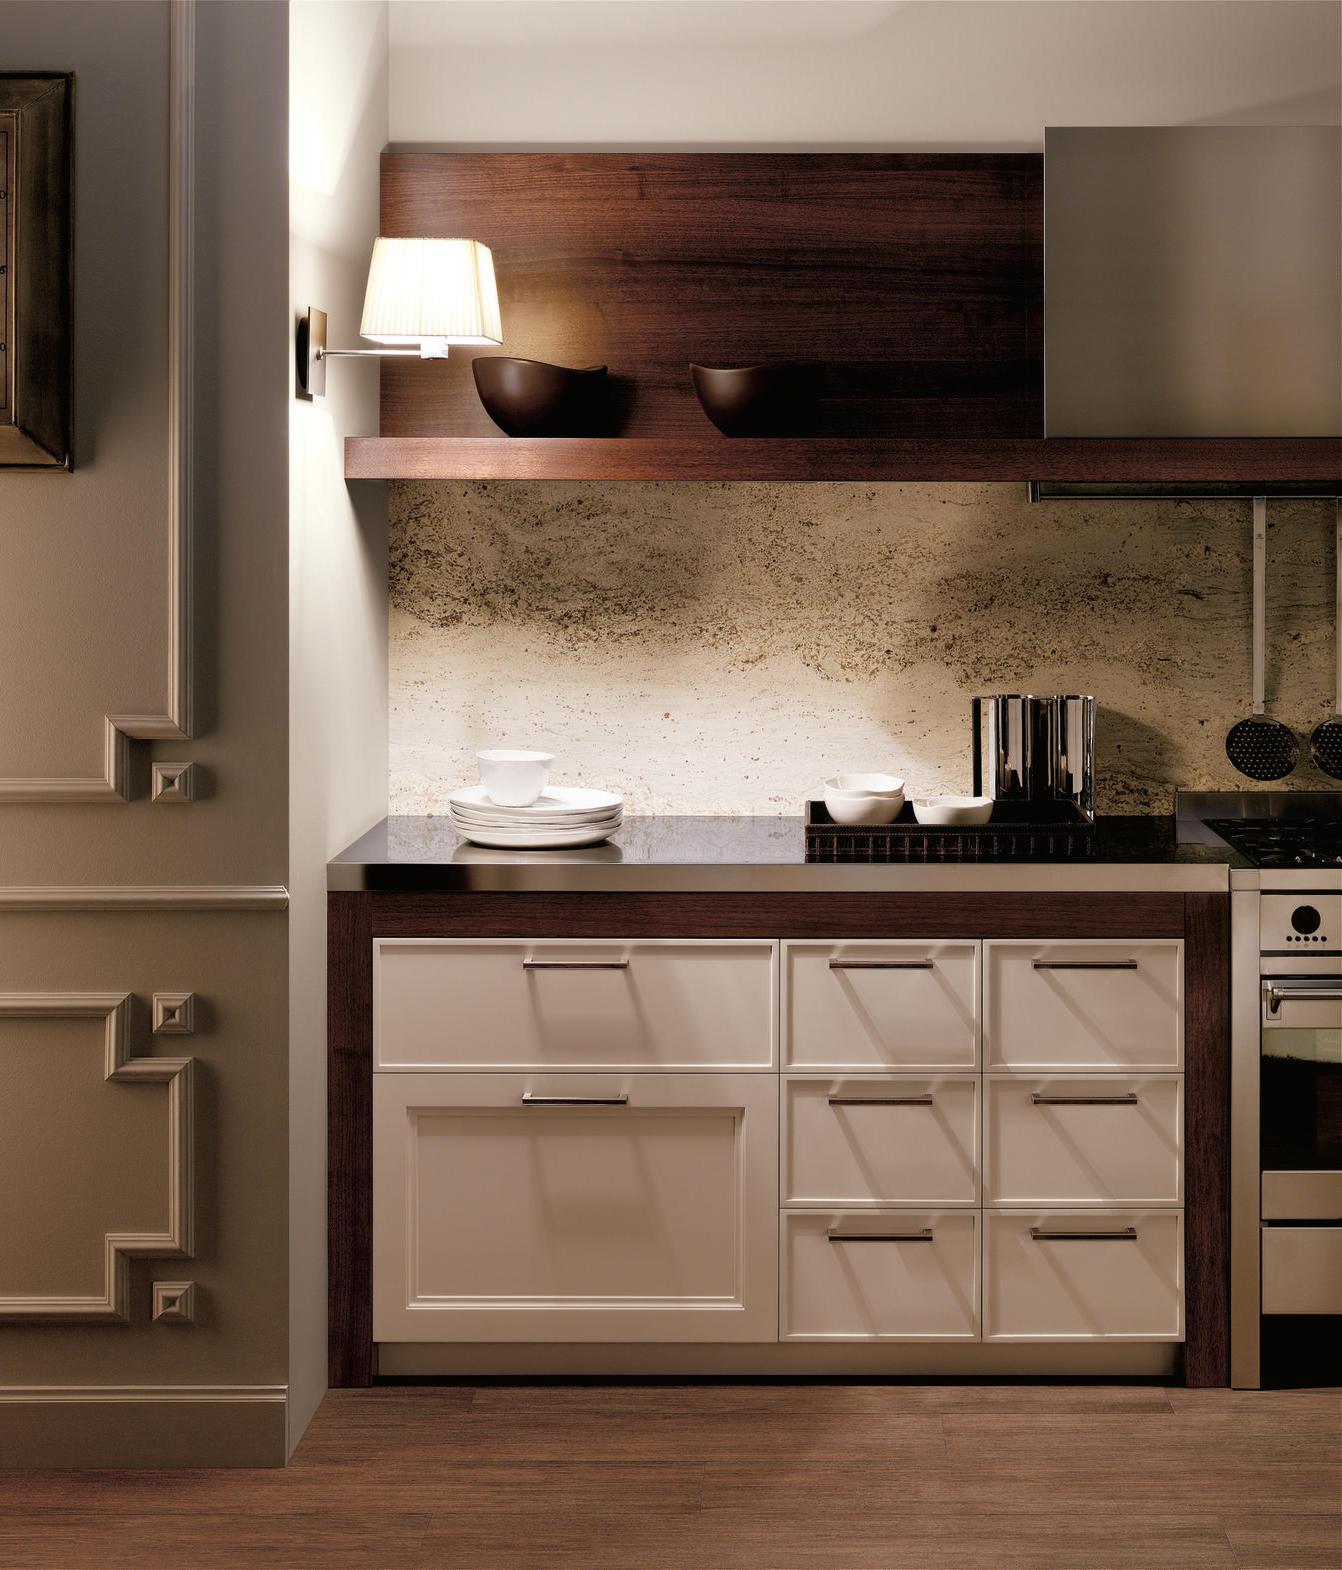 Full Size of Einbauküche Real Mit Elektrogeräten Ohne Kühlschrank E Geräten Selber Bauen Günstig Obi Kaufen Ebay Gebrauchte Gebraucht Kleine Wohnzimmer Einbauküche Real